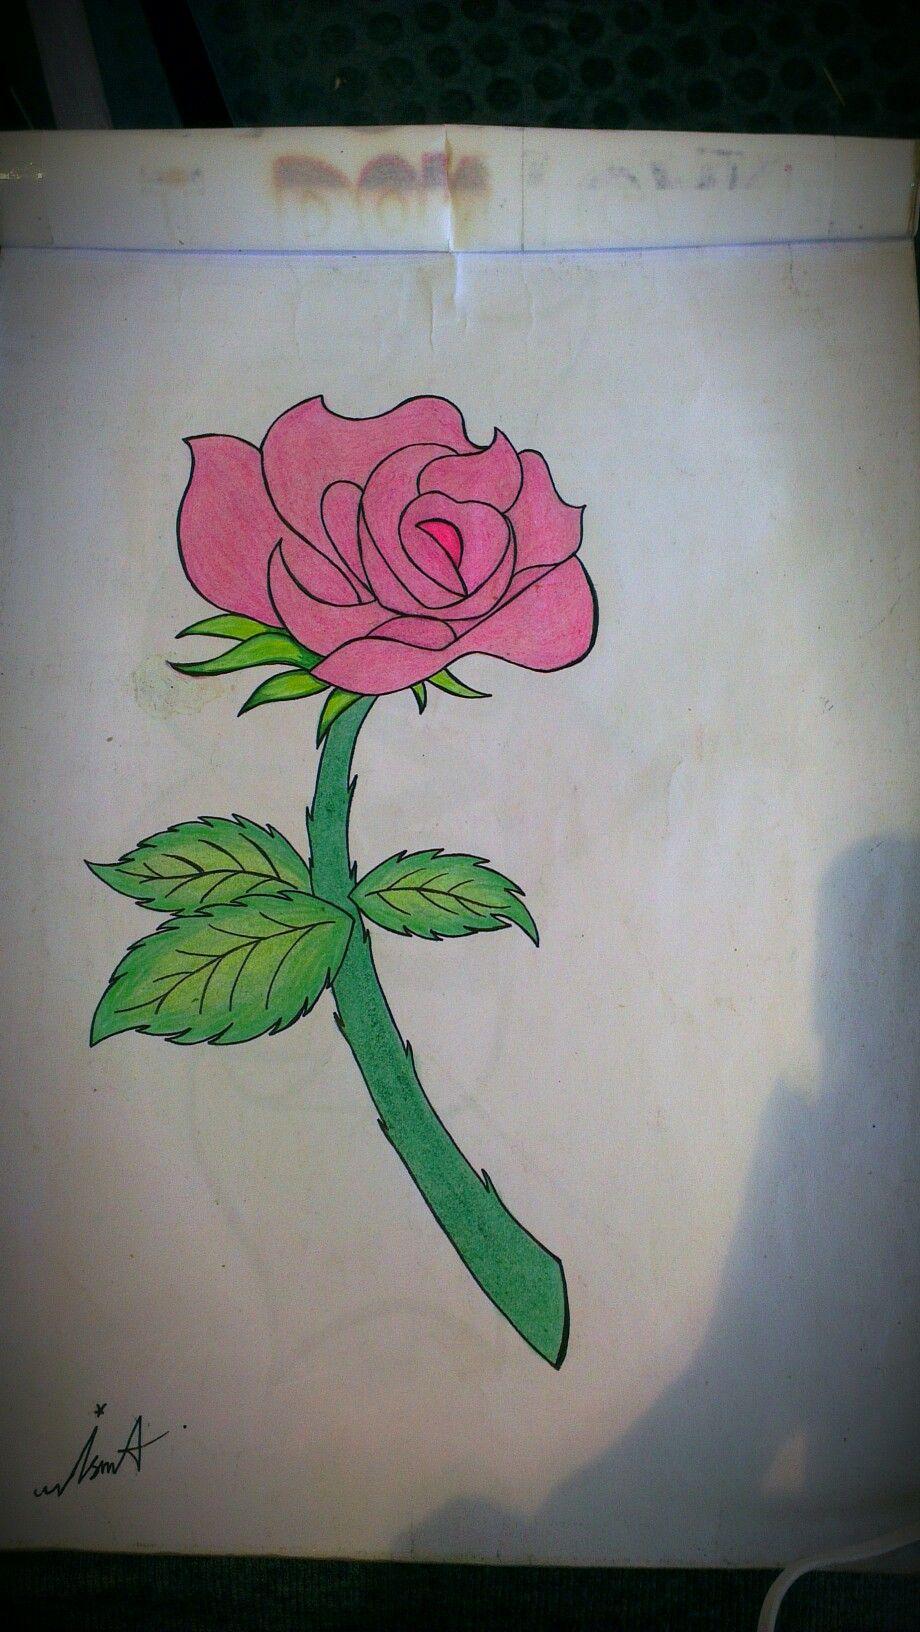 #art #design #sketch #innojanjuarajput